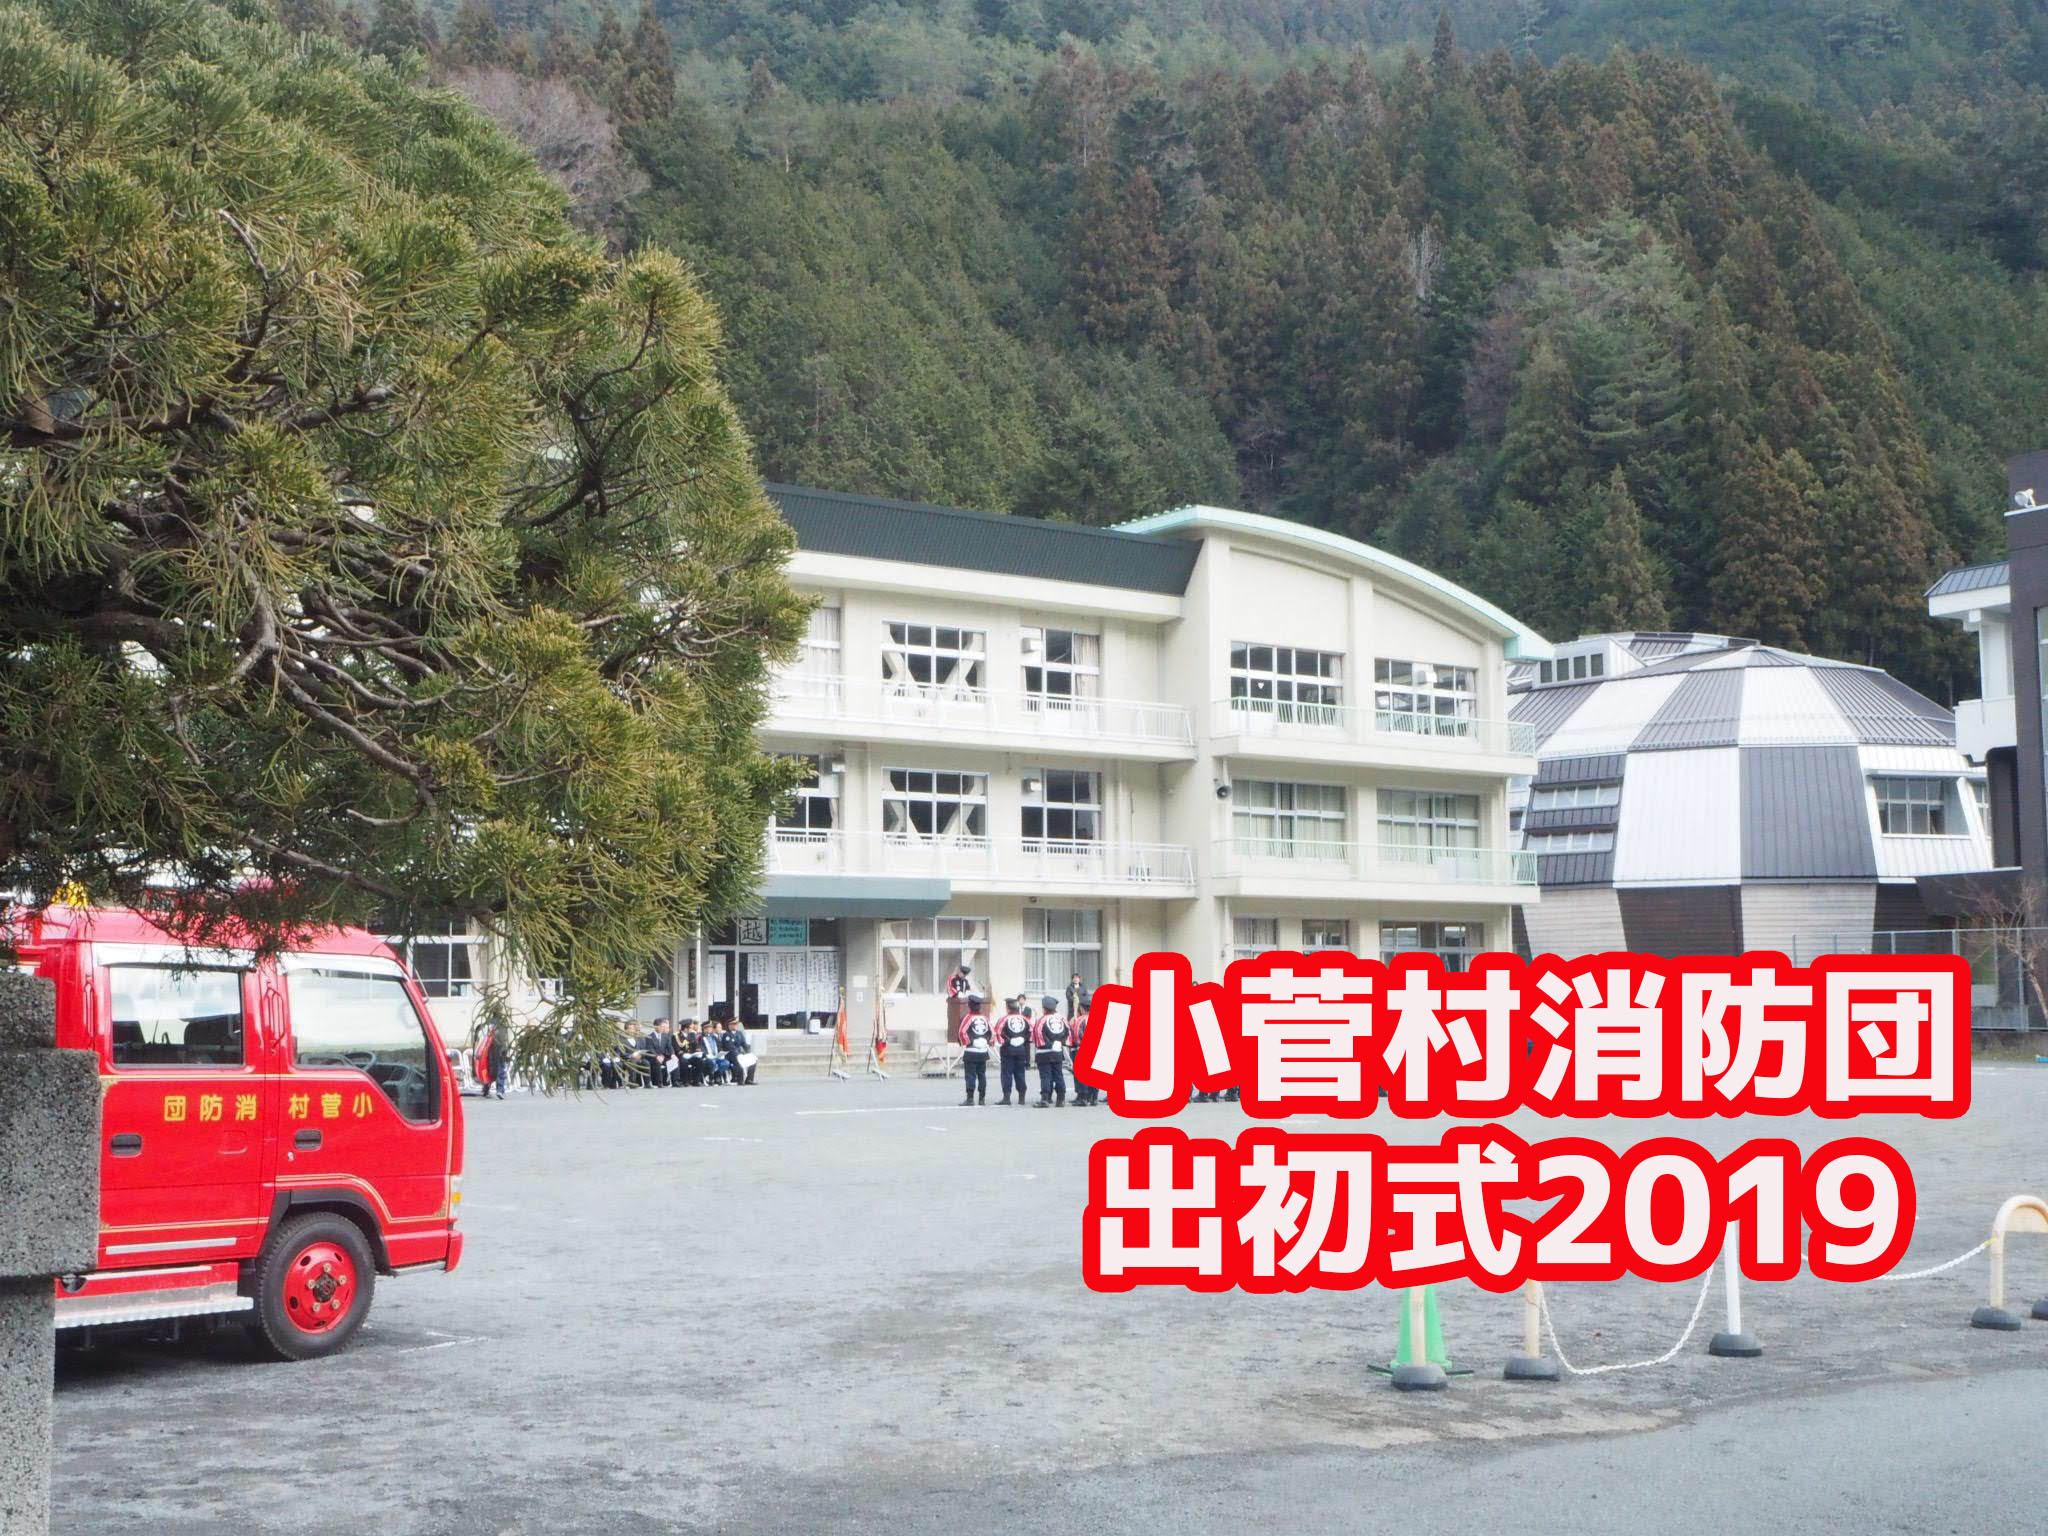 小菅村消防団 出初式2019